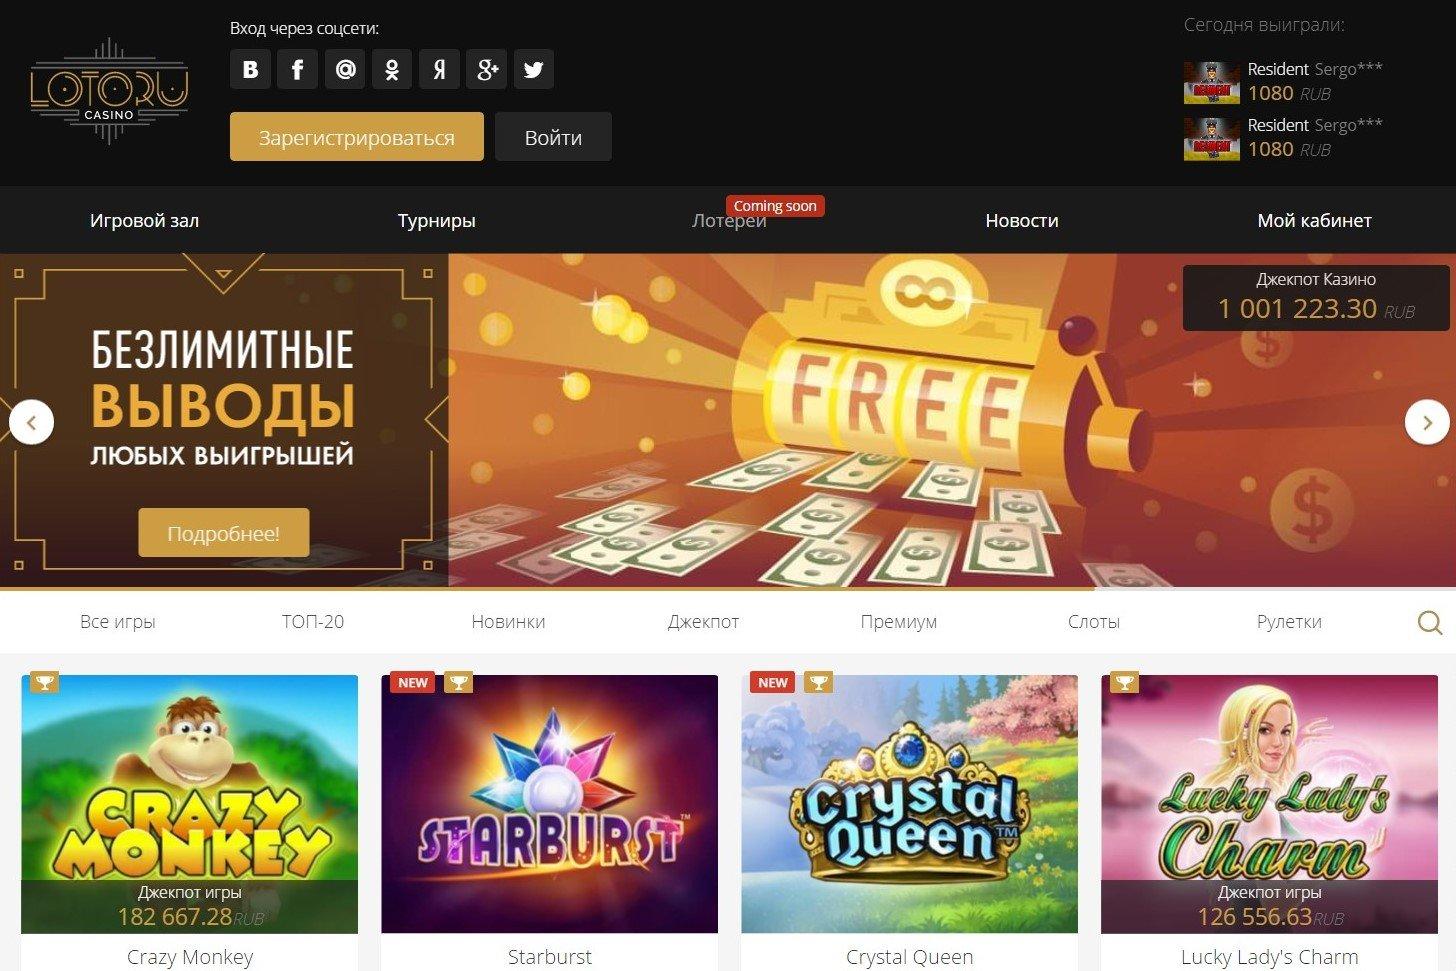 лото ру казино онлайн